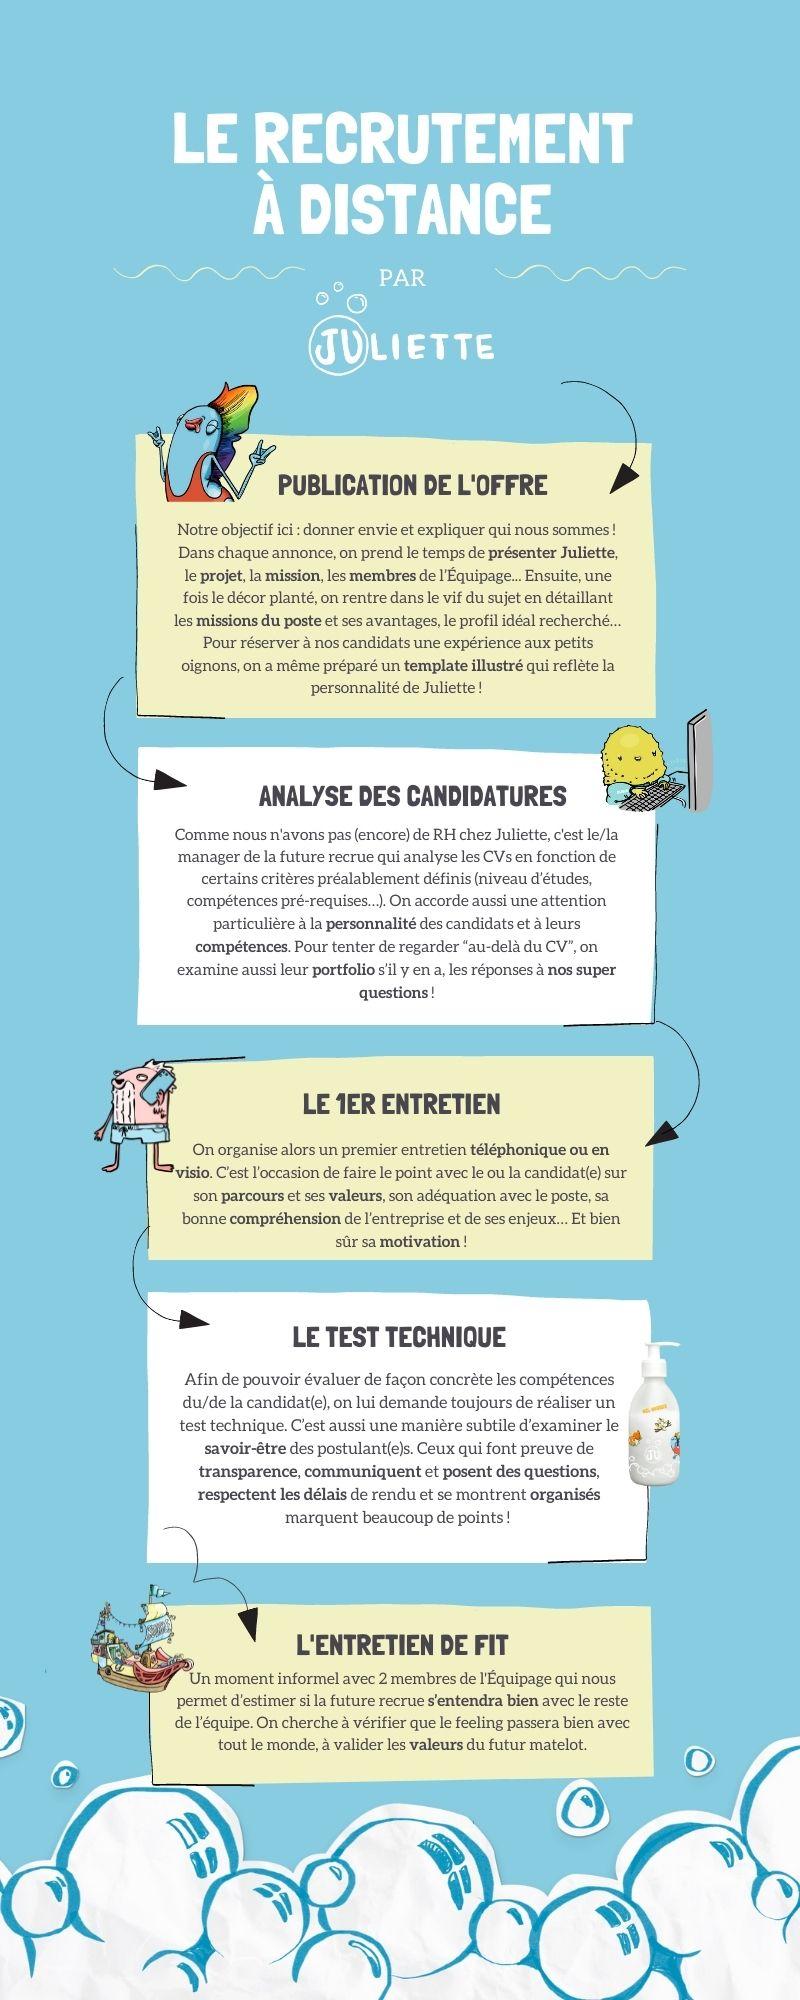 Infographie processus de recrutement en teletravail avec entretiens a distance dans la start-up Juliette